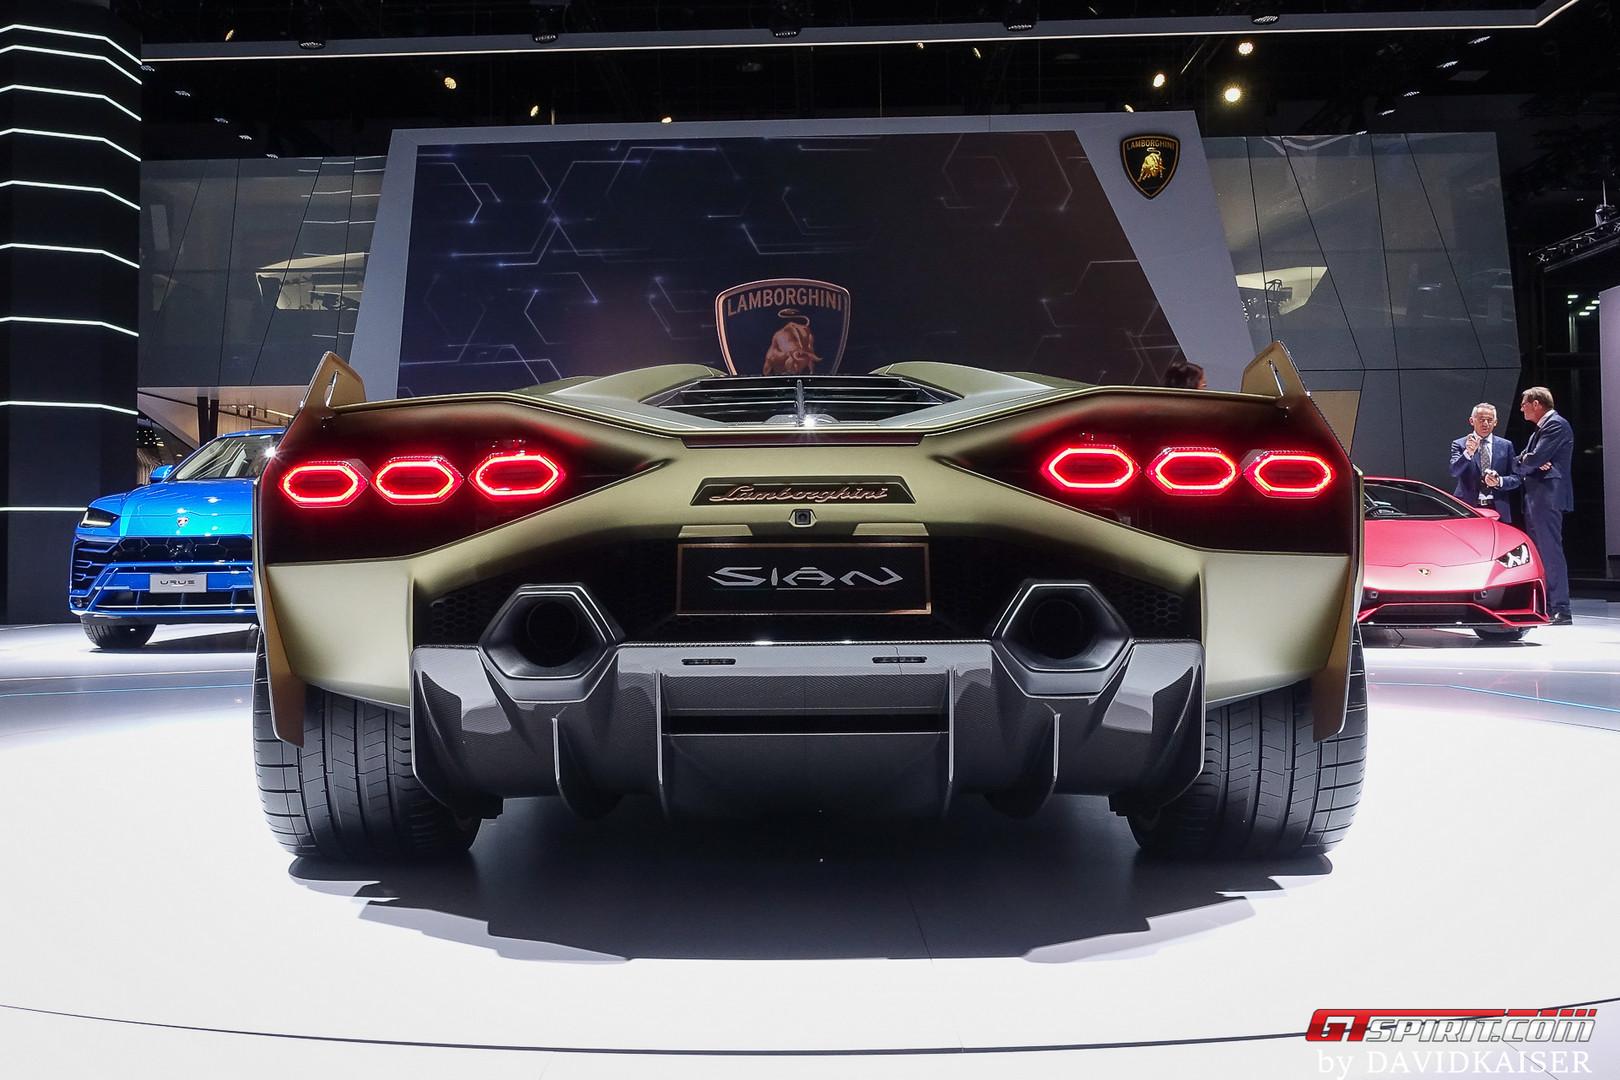 Lamborghini-Sian-Rear-View.jpg